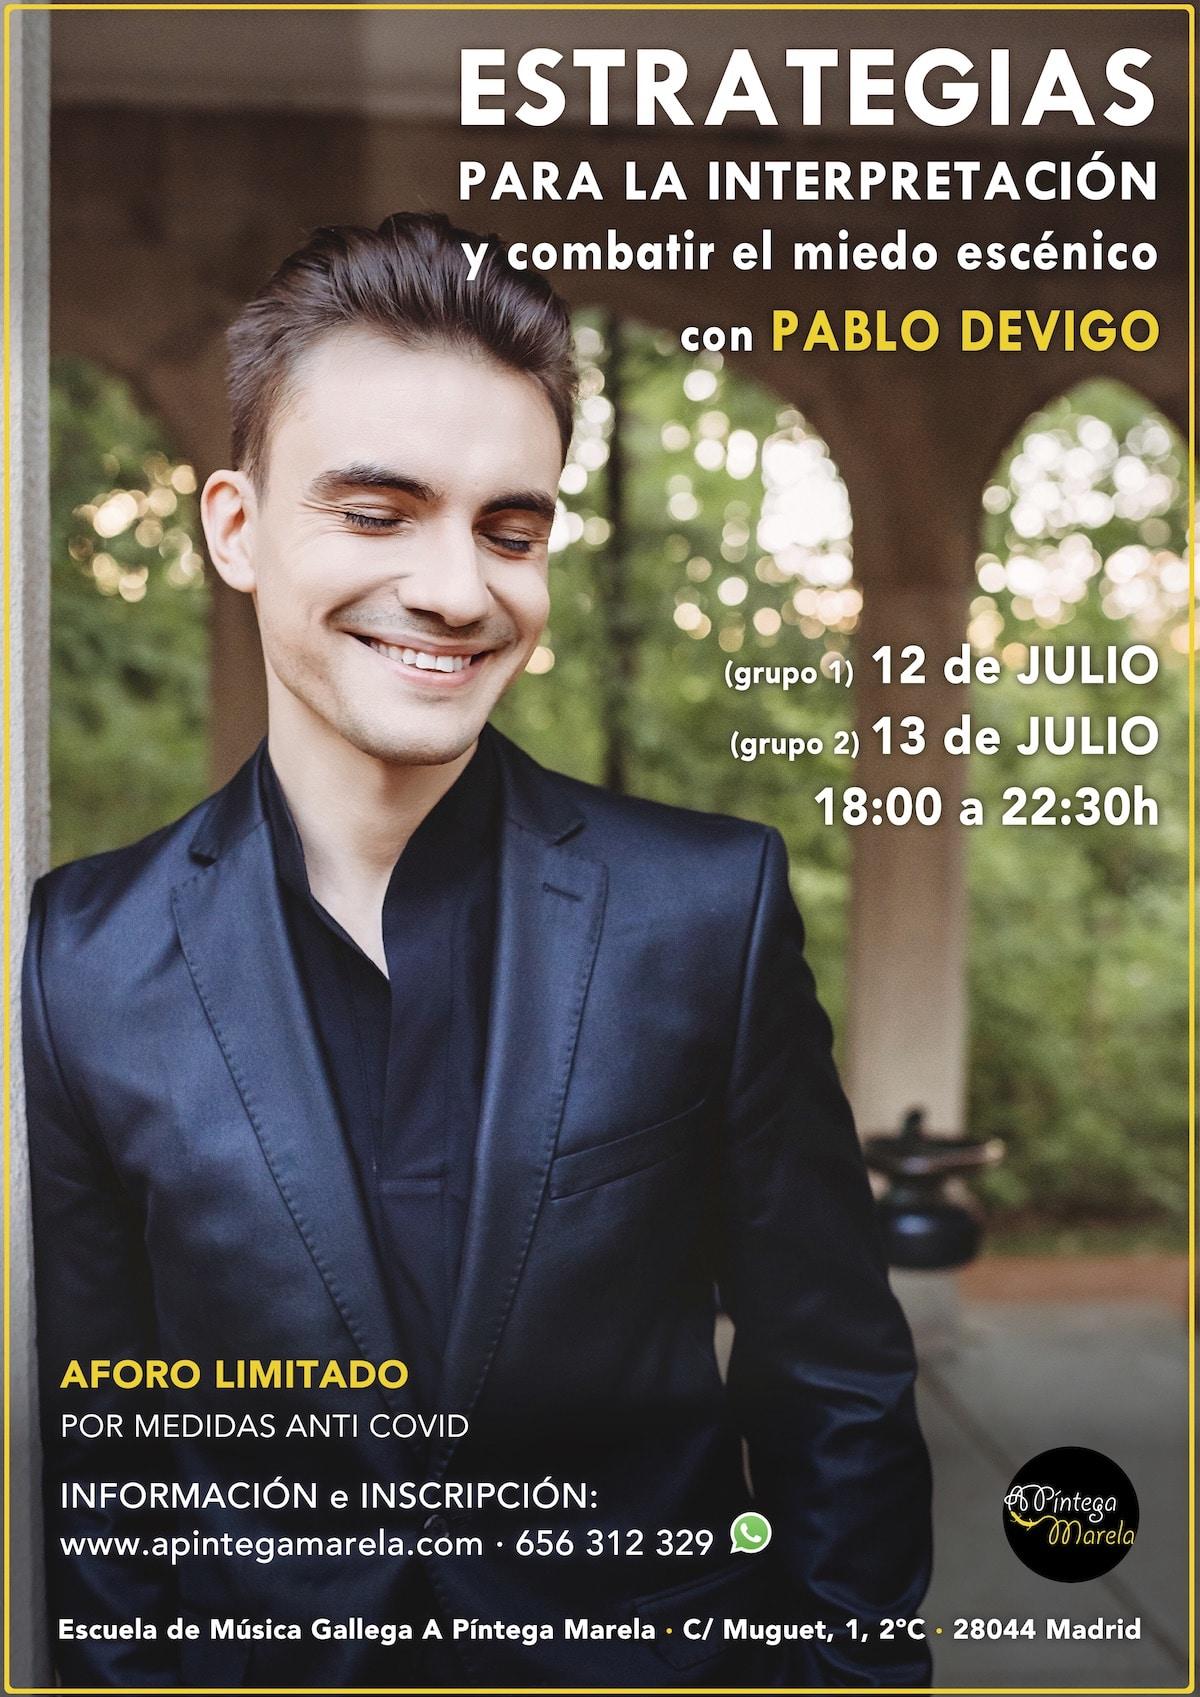 Pintesummer 2021 Curso Estrategias interpretación Pablo Devigo - A Píntega Marela